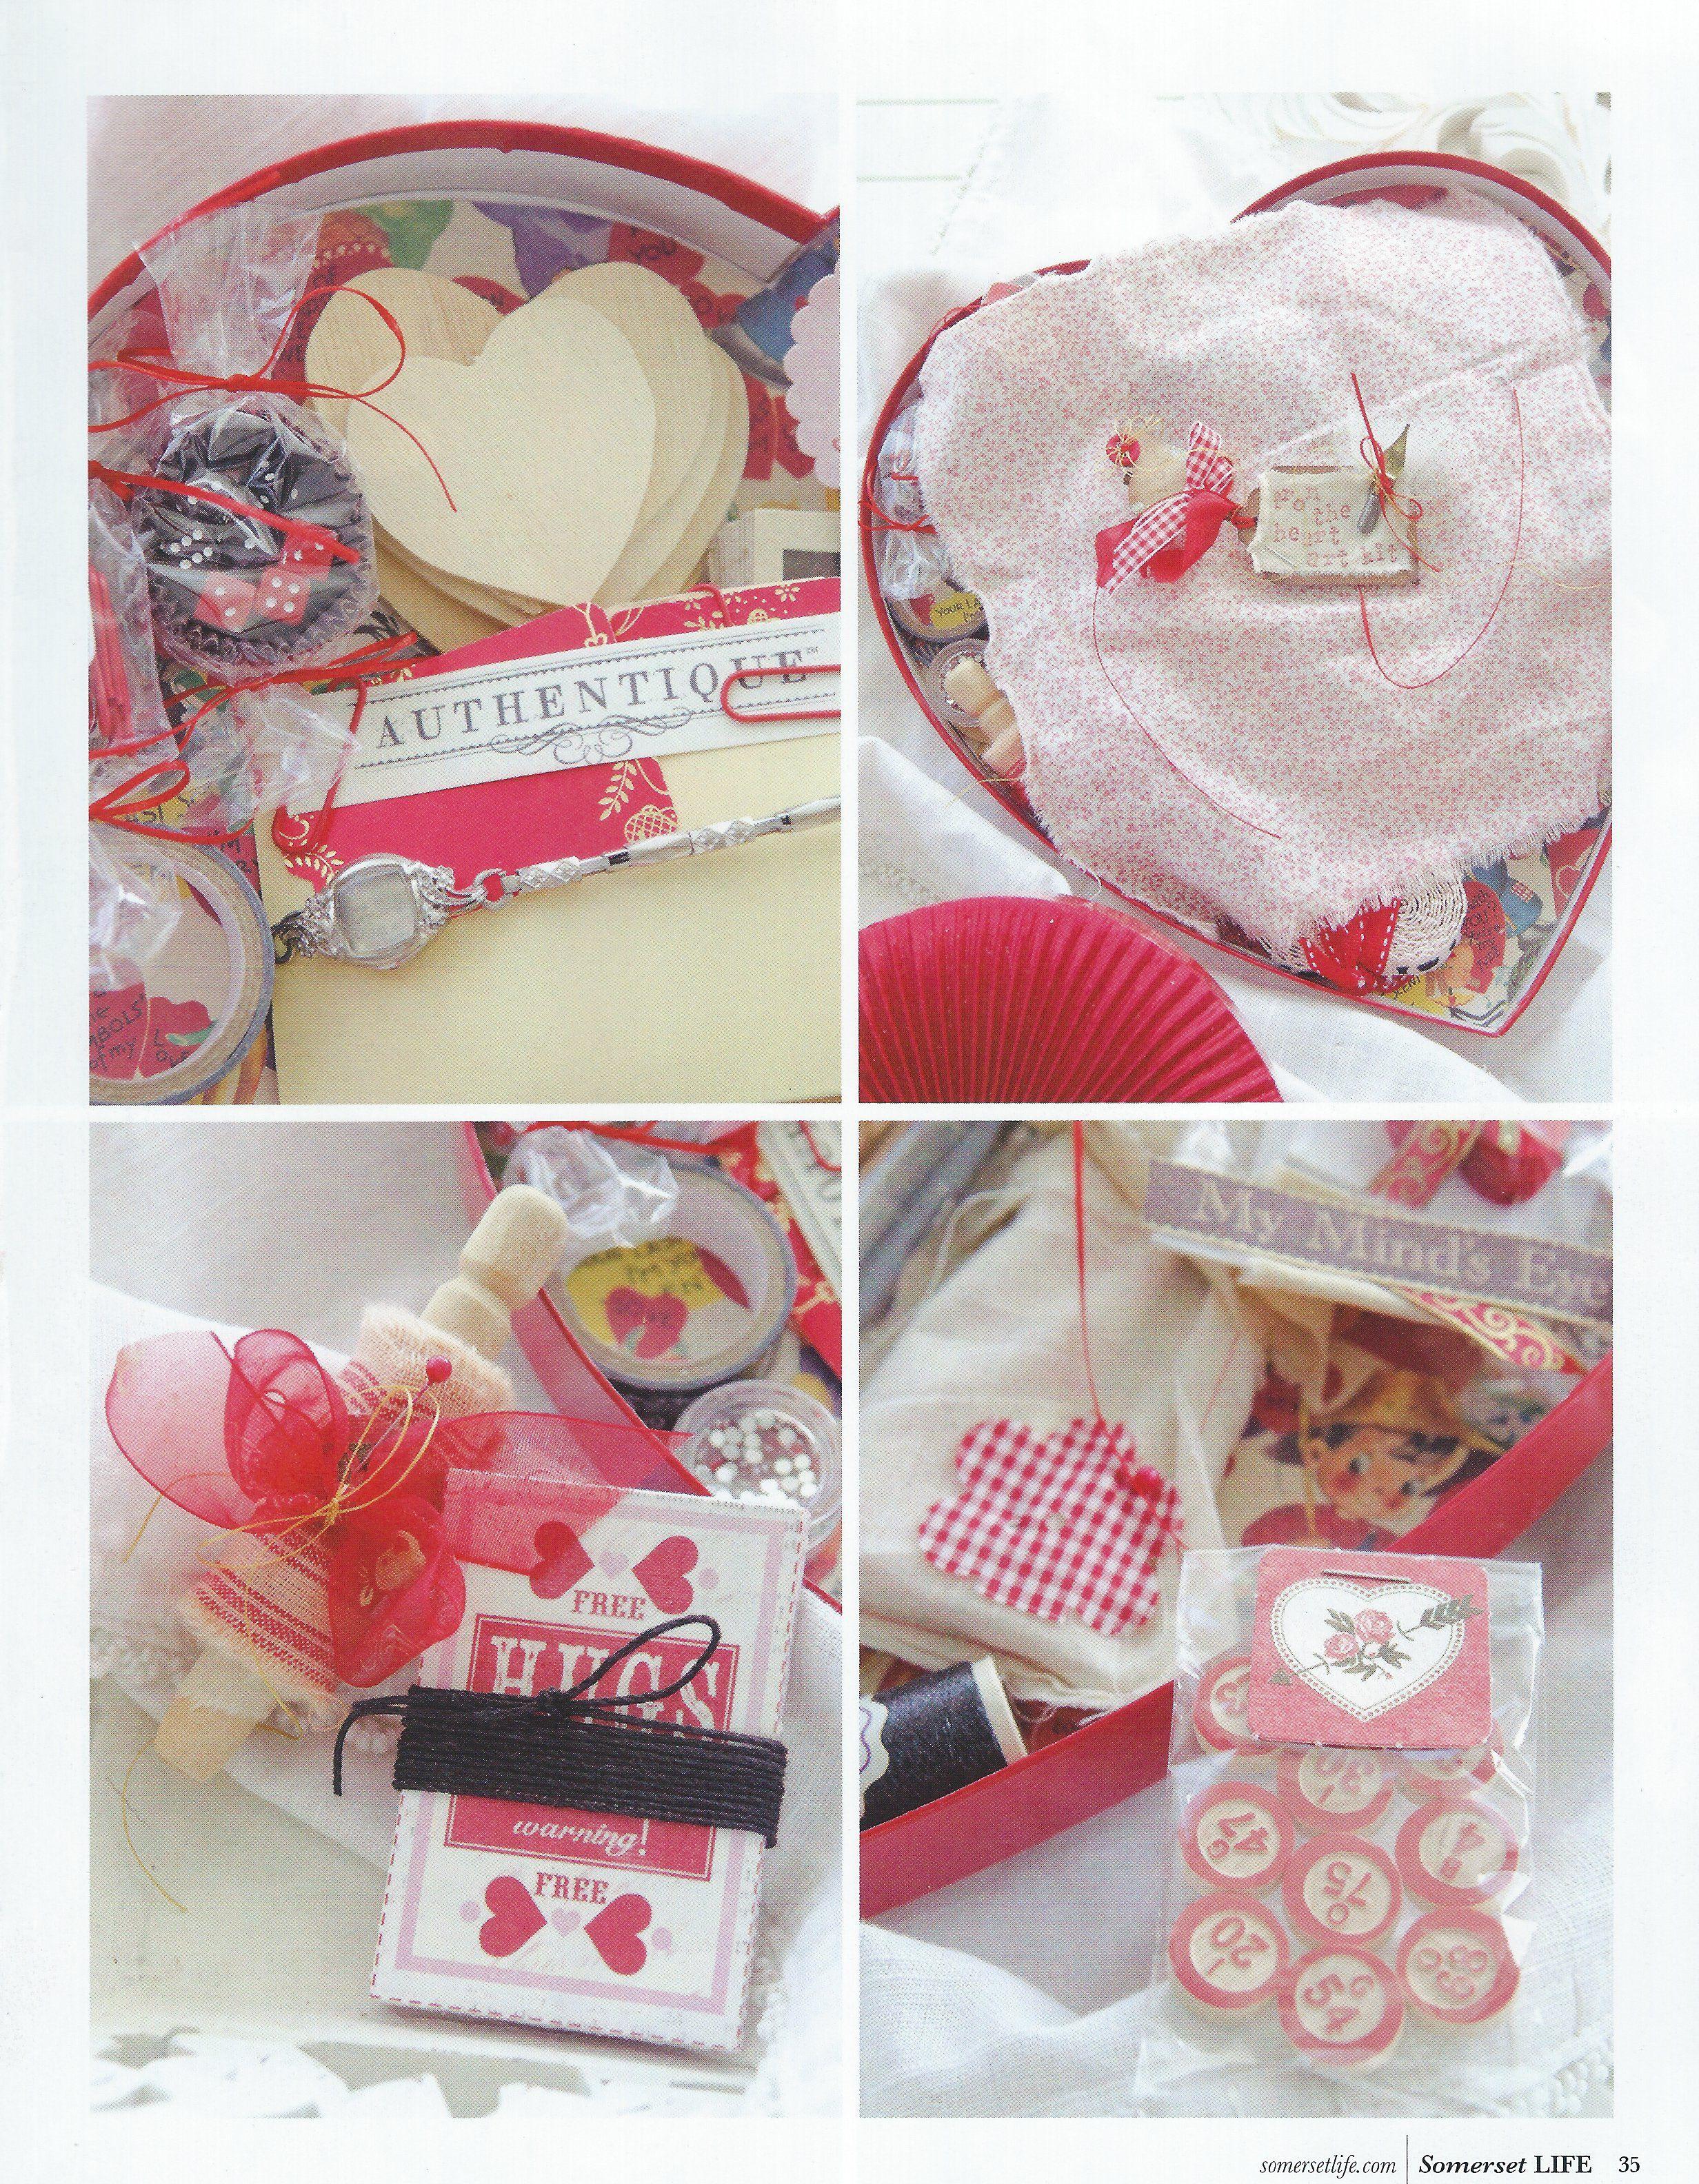 cute valentine's stuff